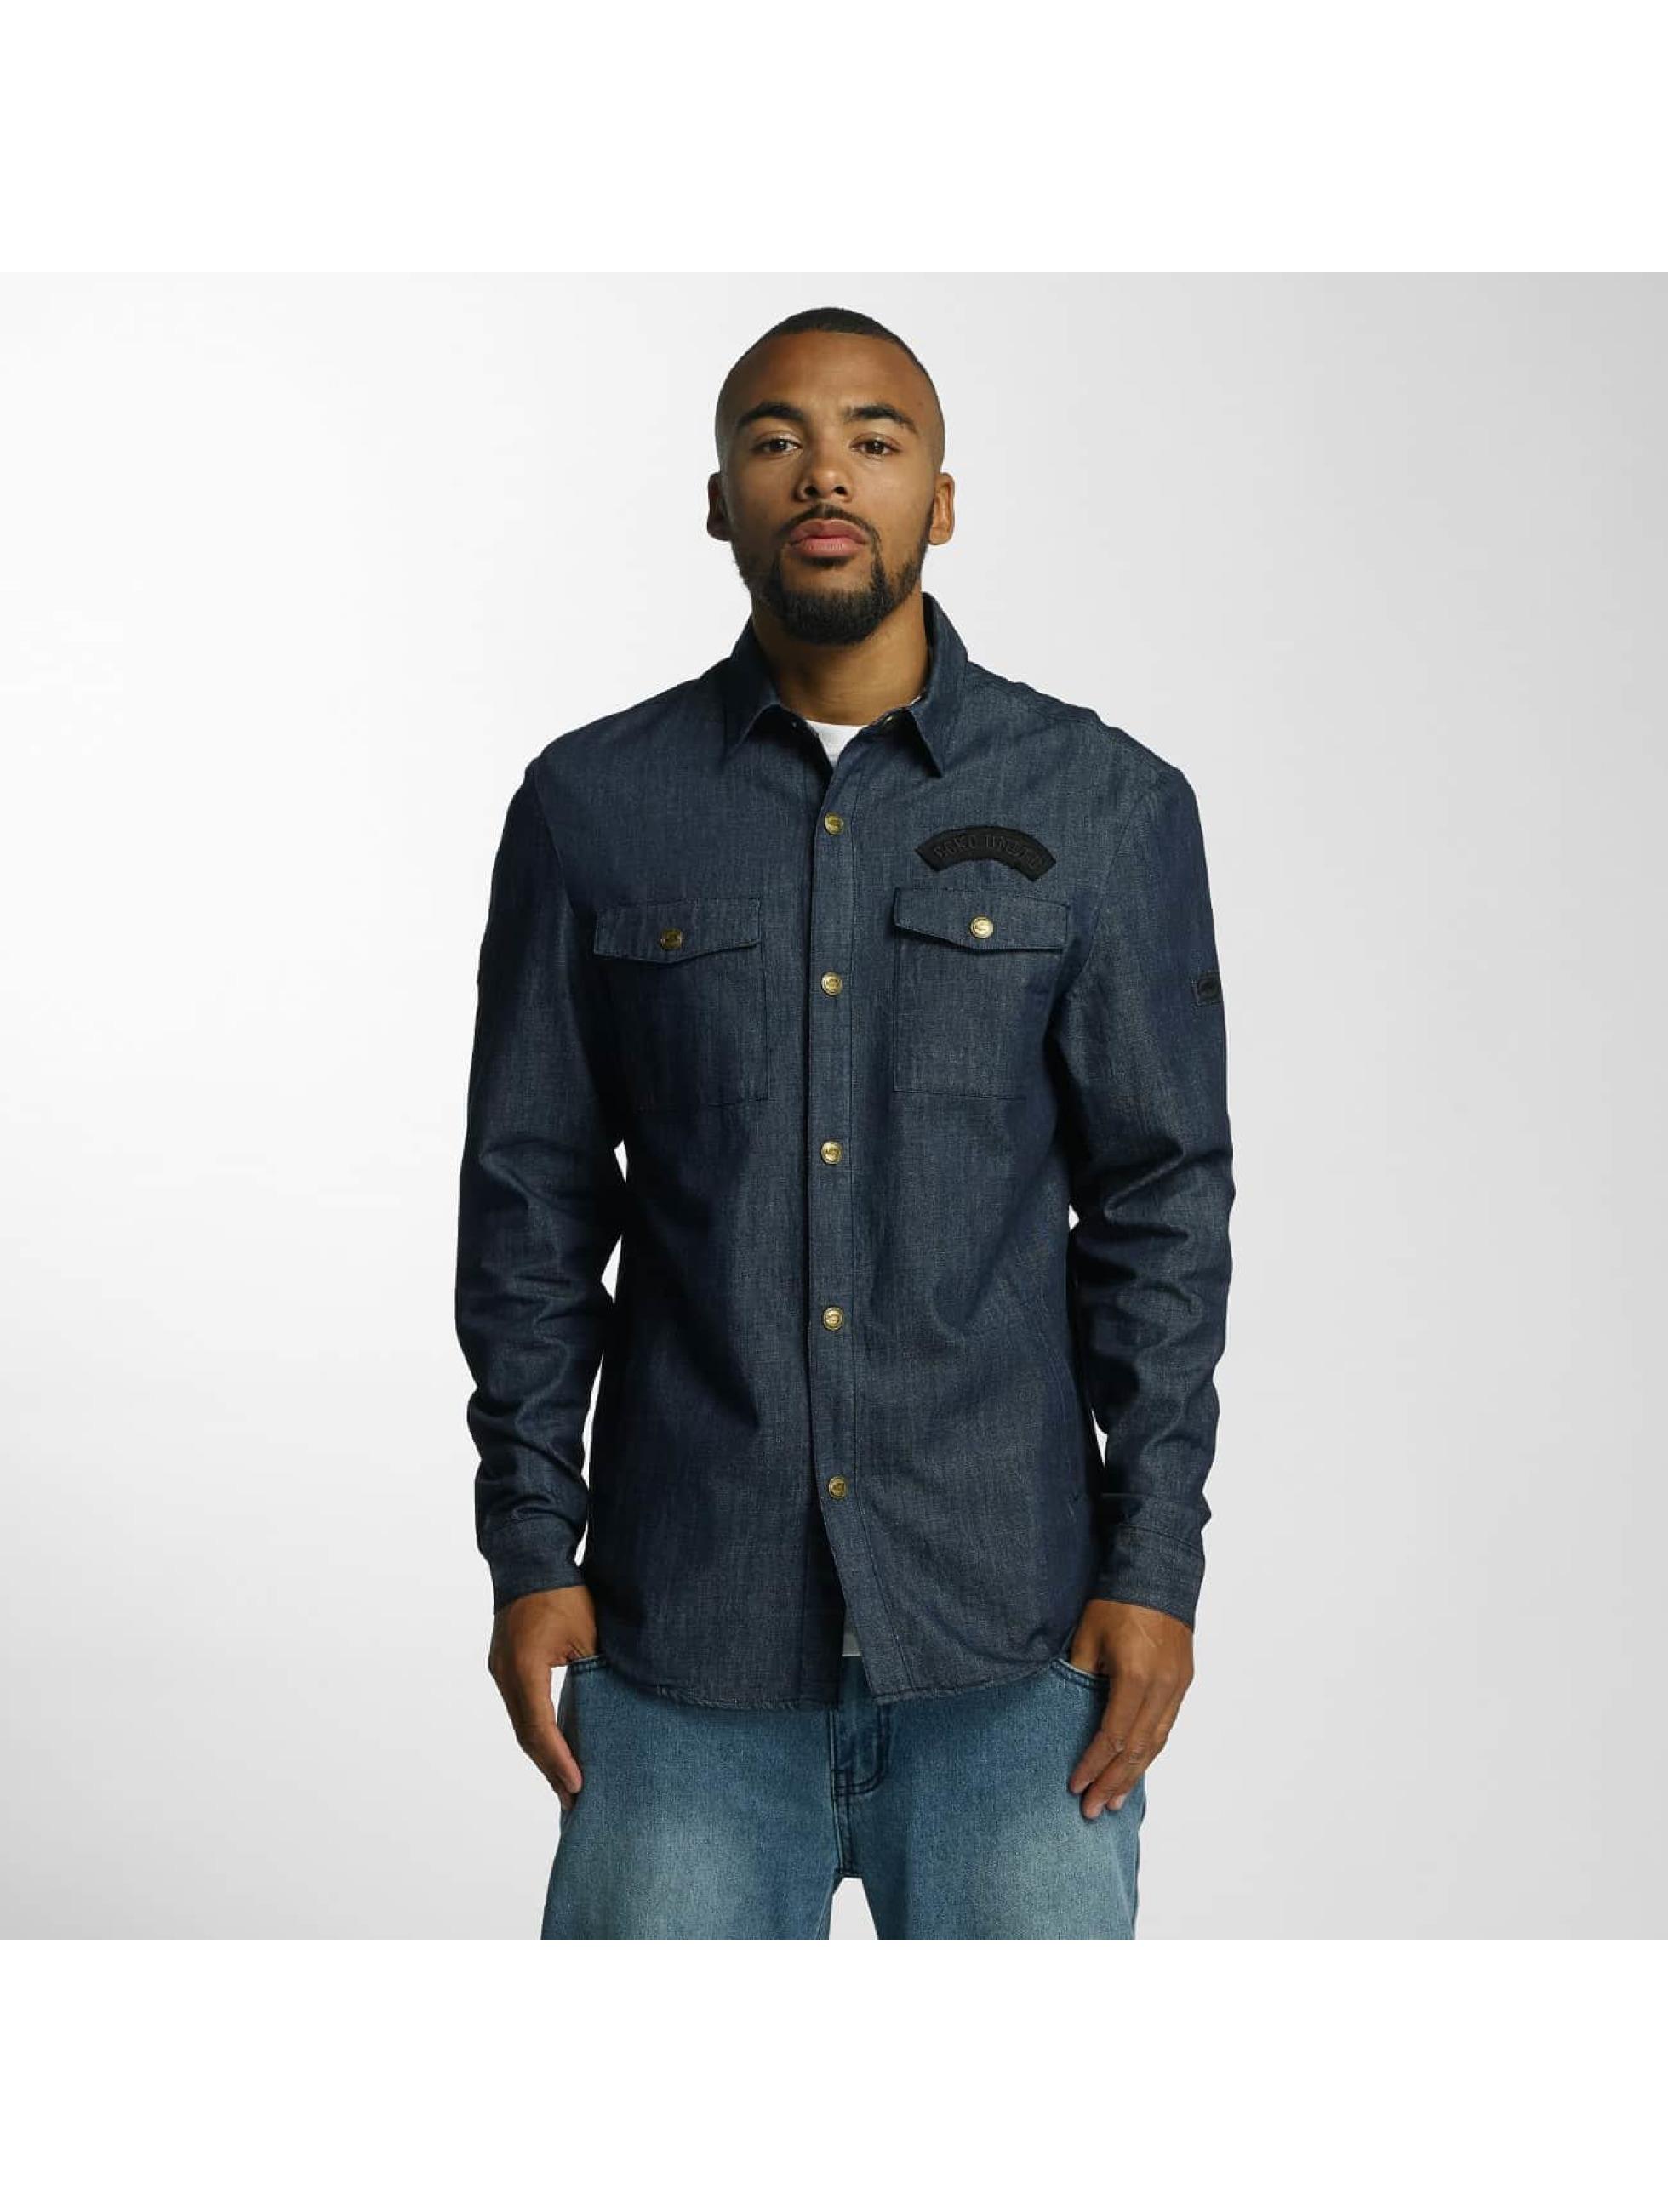 Ecko-Unltd-Uomini-Maglieria-Camicia-Jeans